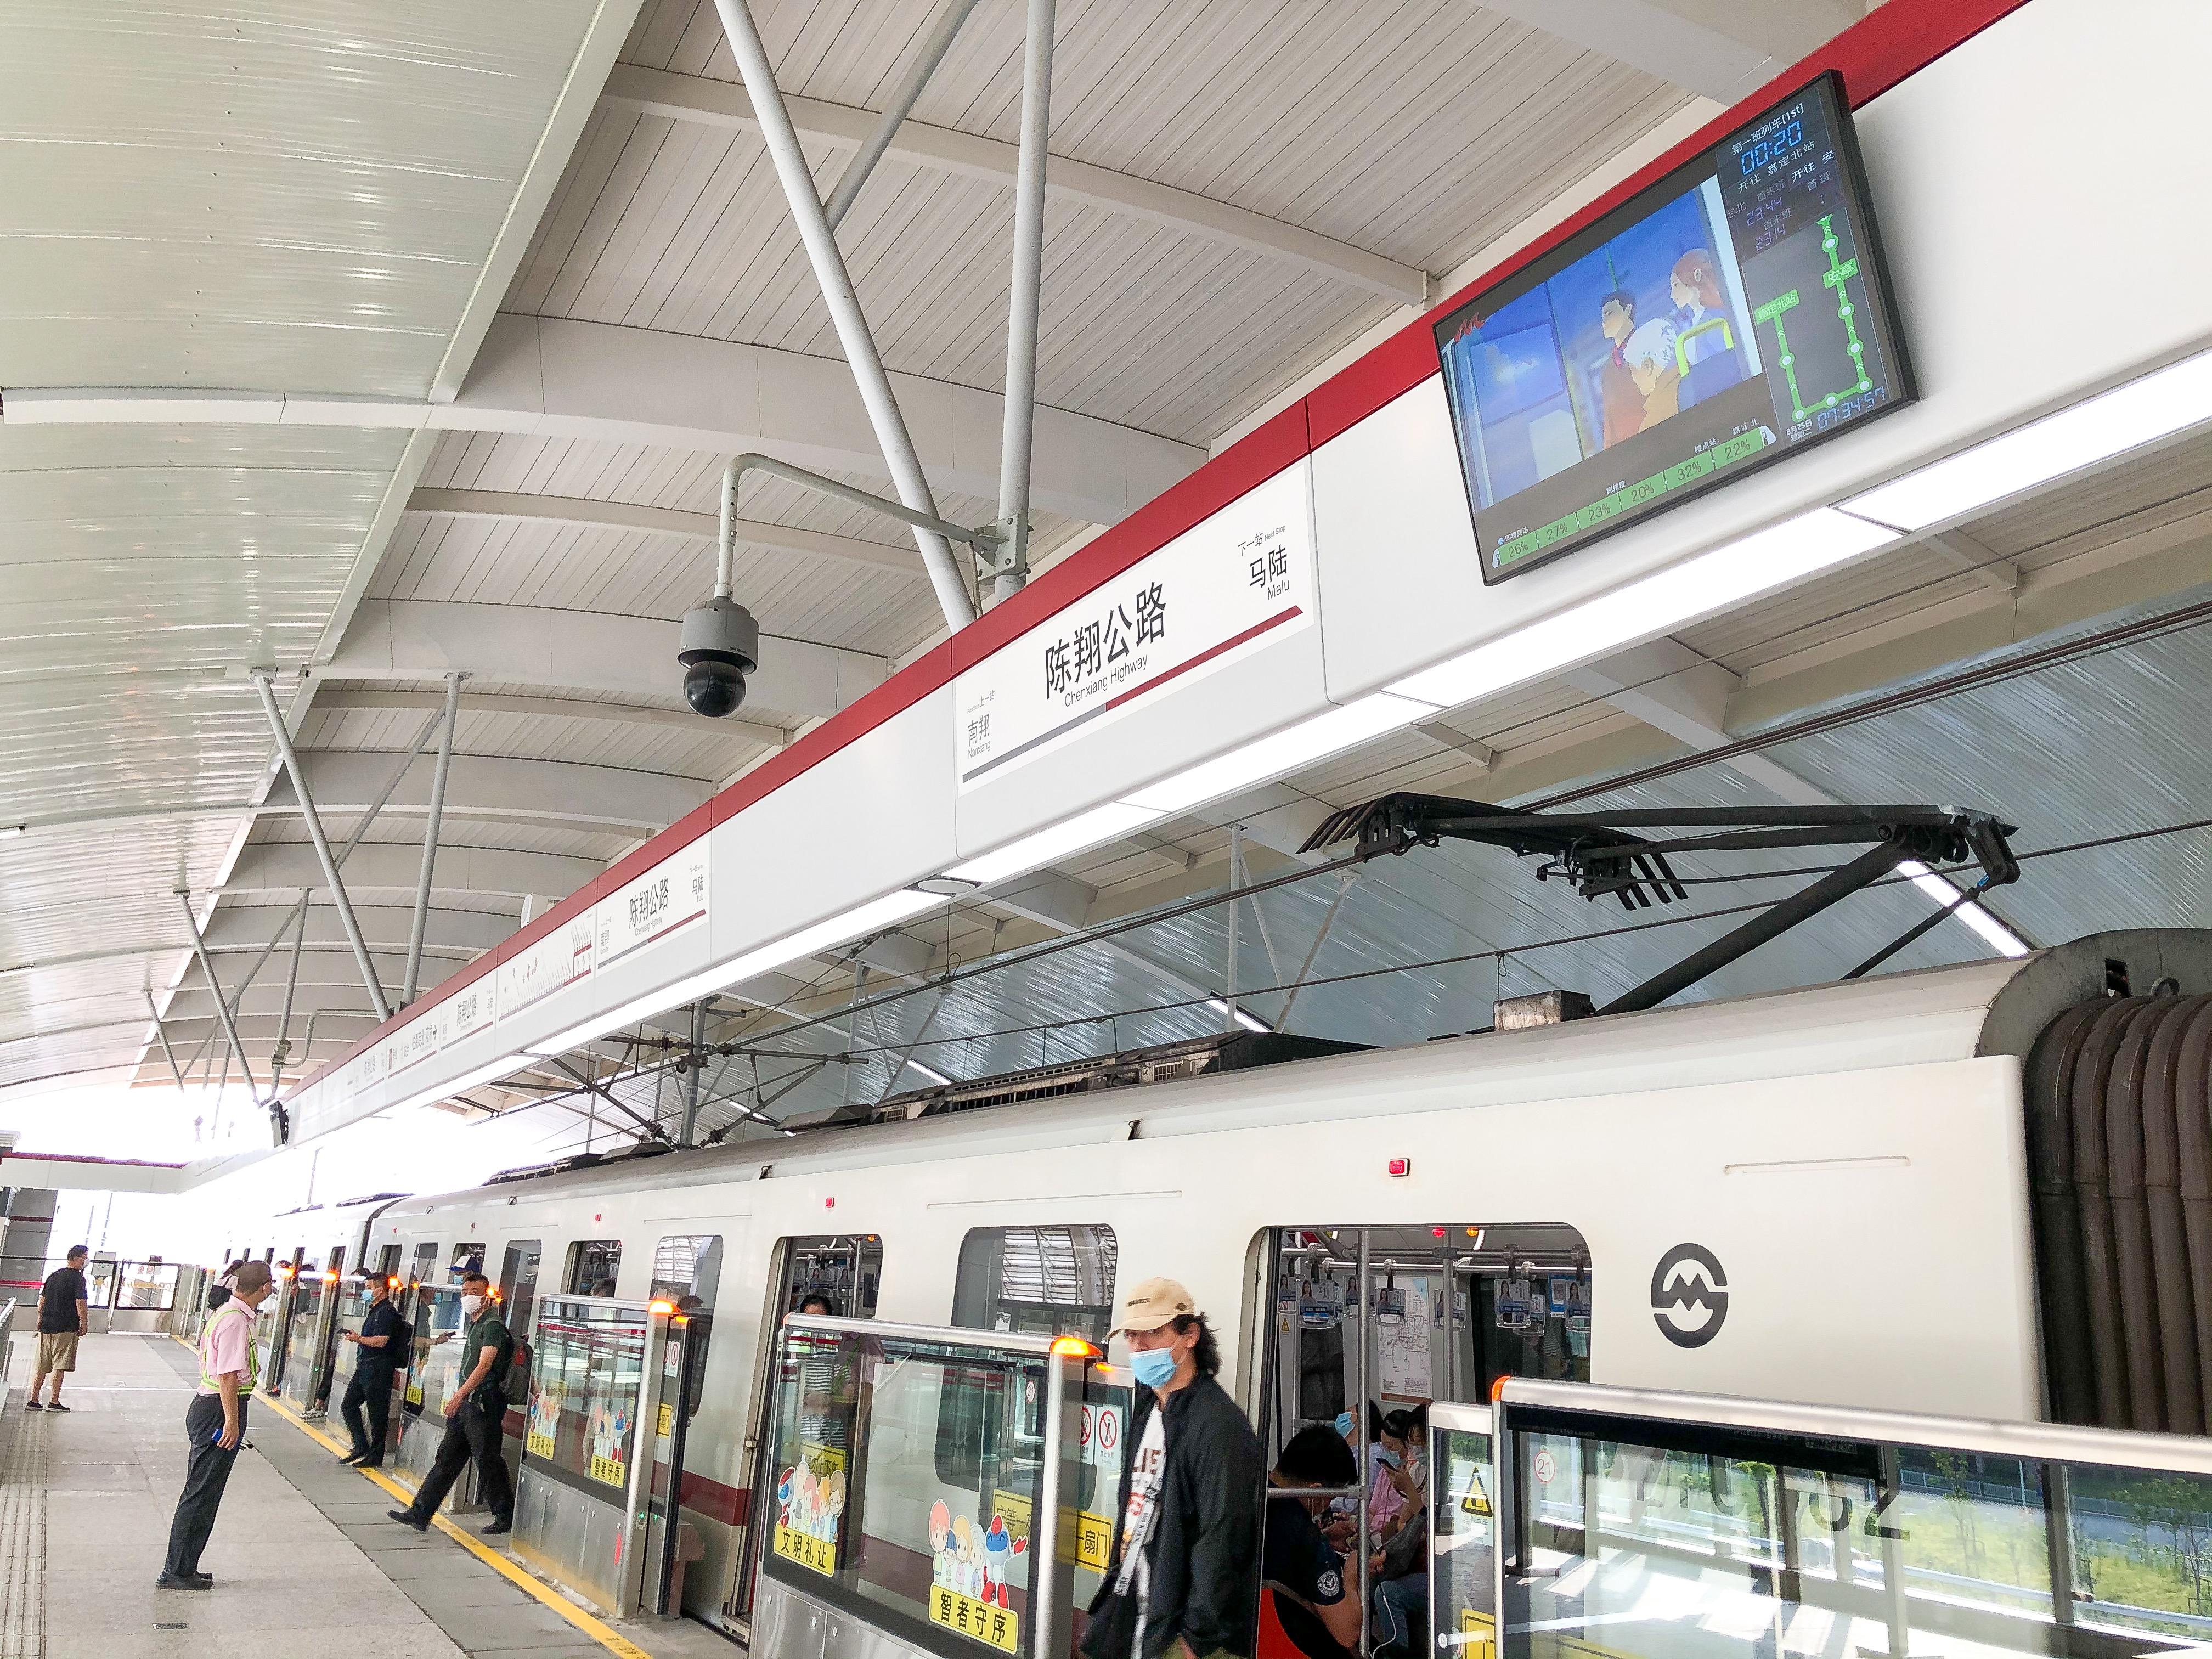 2020年8月25日早上7点半,上海地铁11号线陈翔公路客流不大。本文图片上海地铁供图